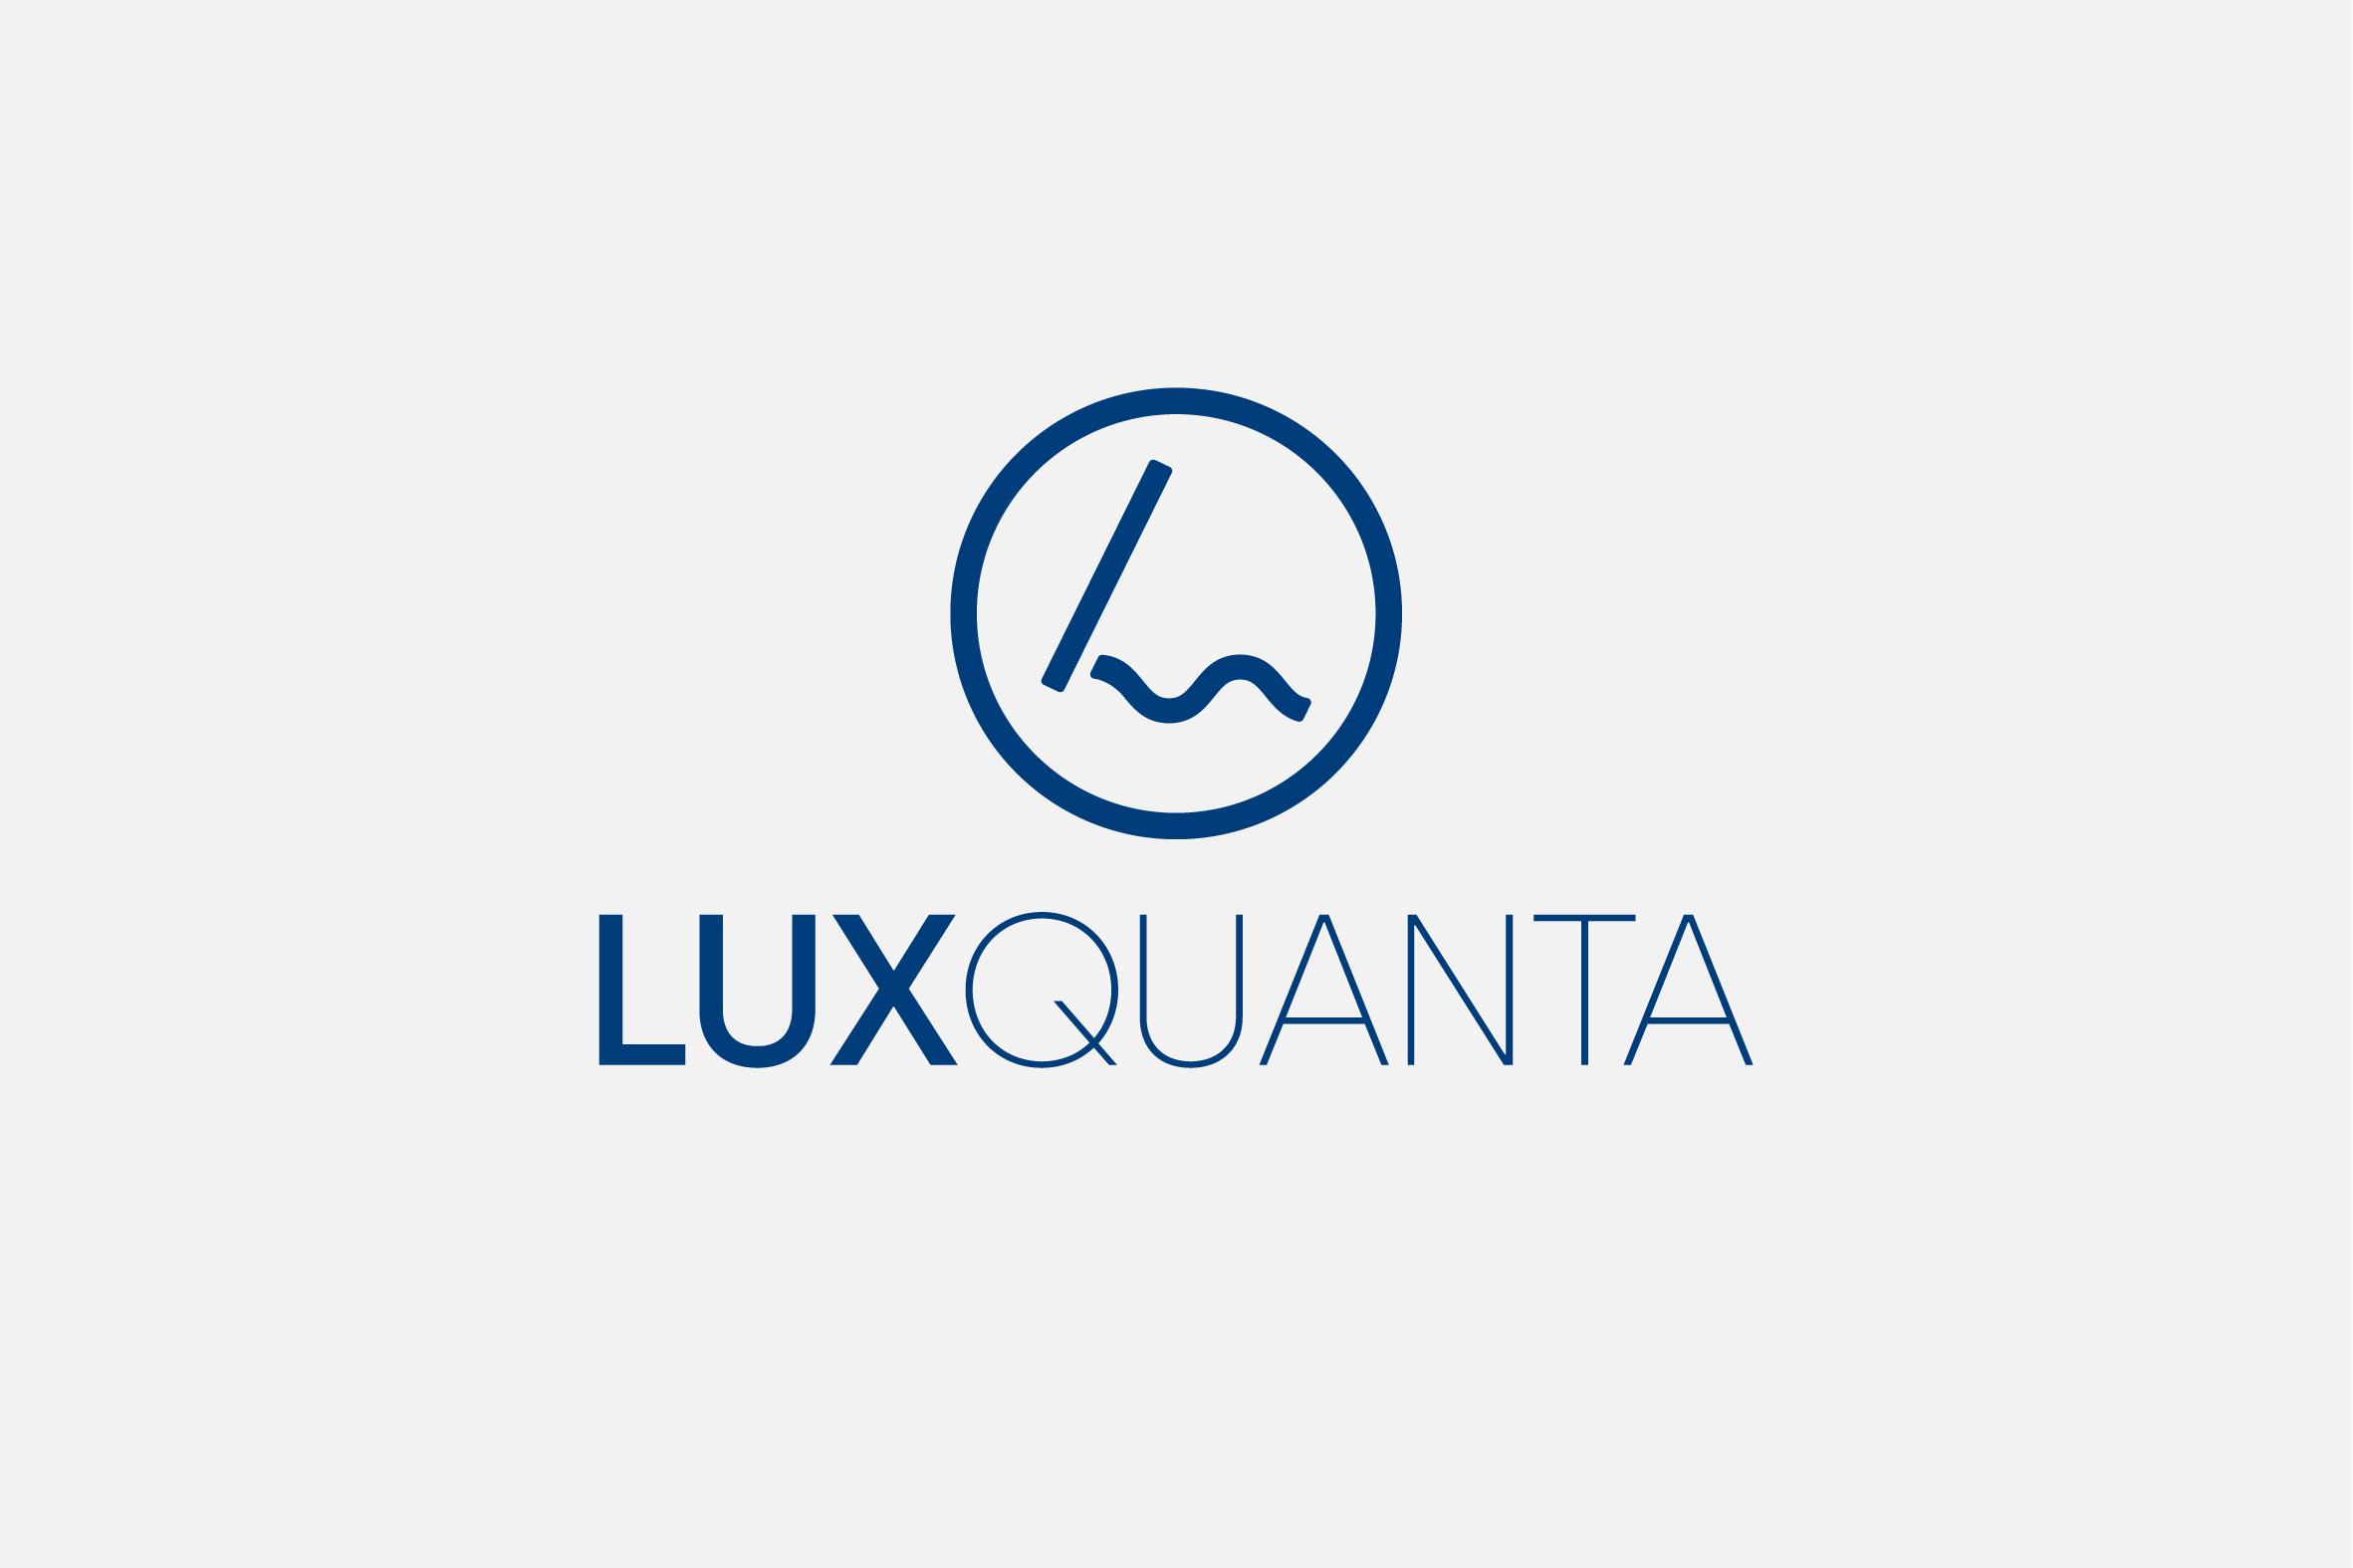 LuxQuanta-logo-design-centered